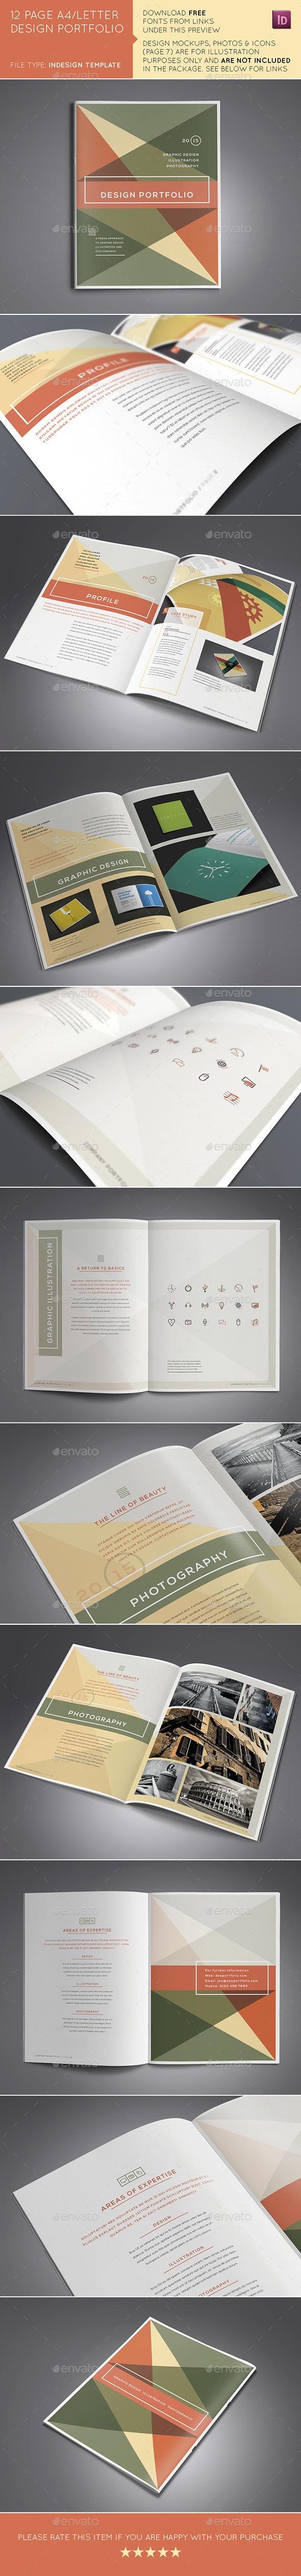 12 Page A4/US Design Portfolio/Brochure - Portfolio Brochures